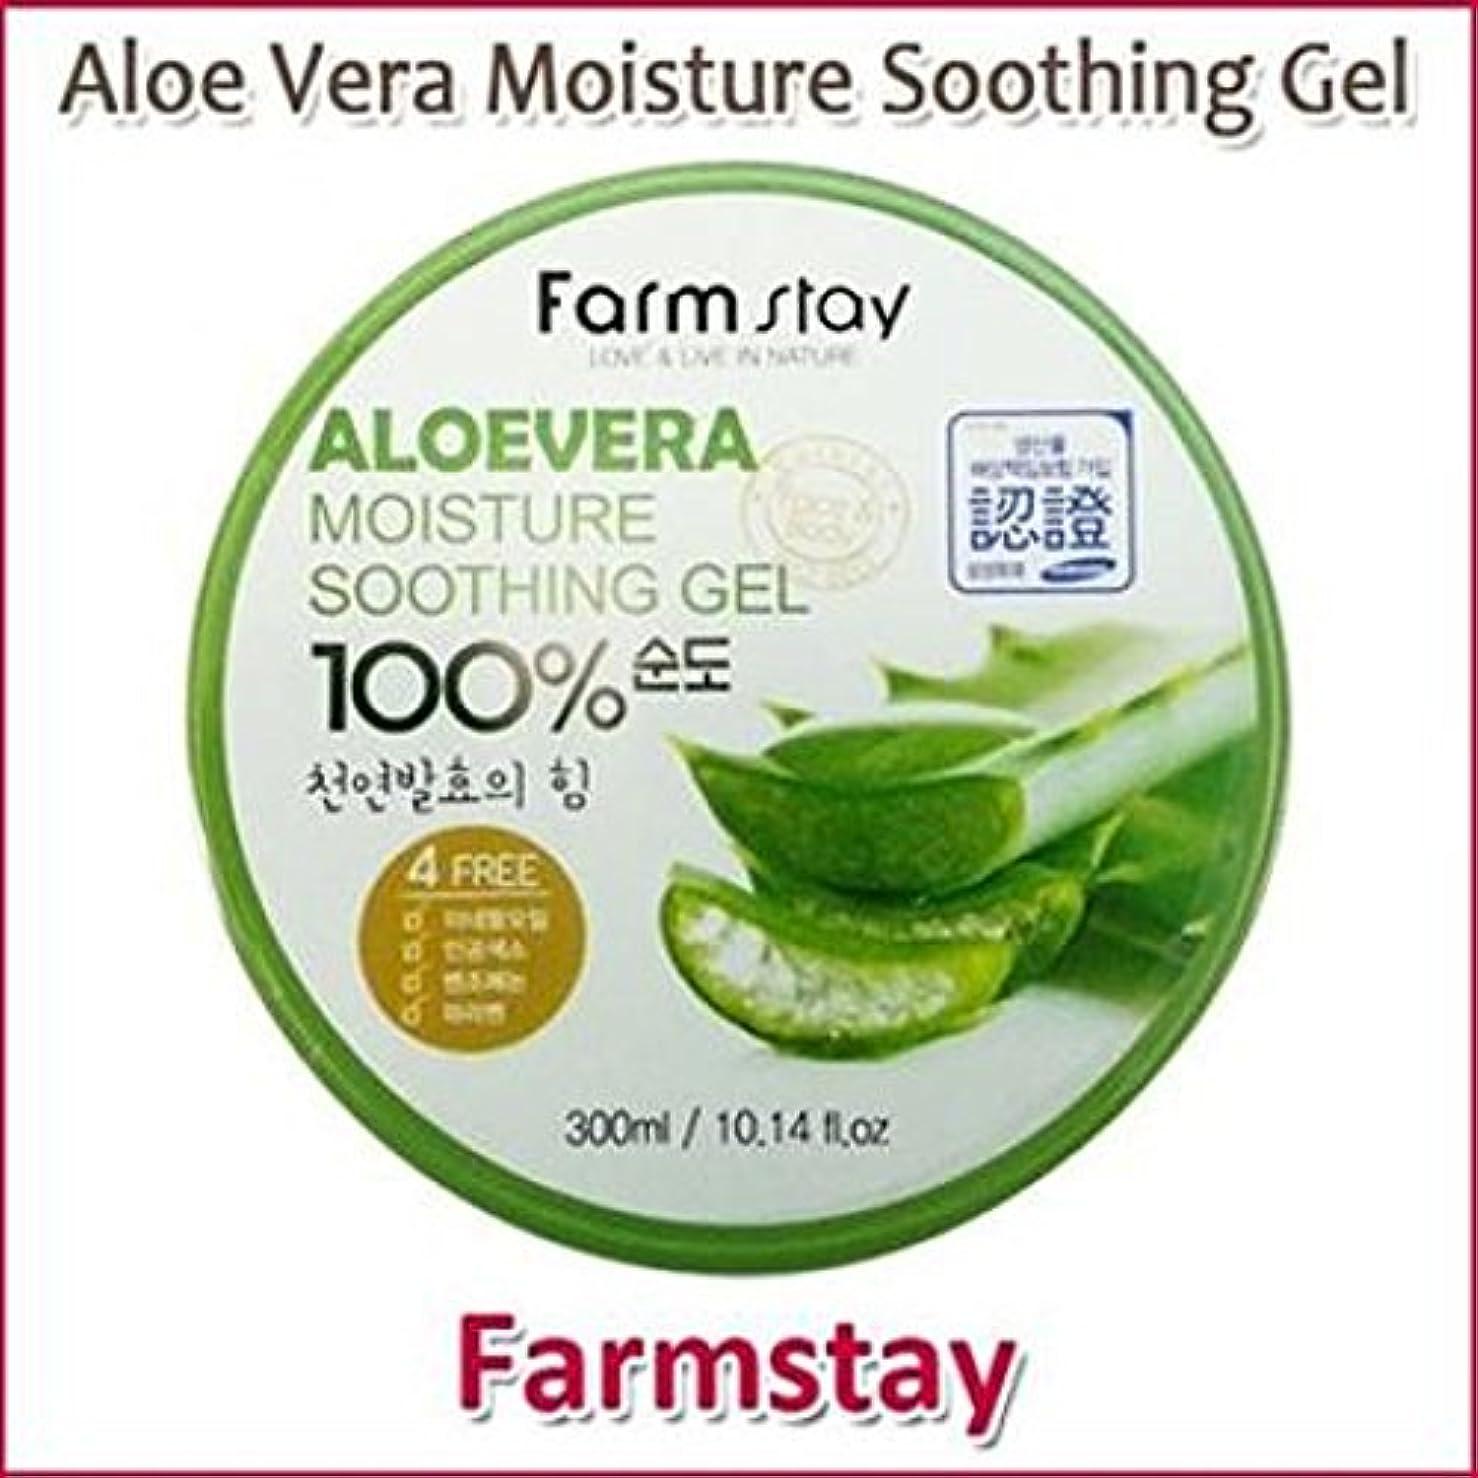 ホステス喜ぶ絶滅したFarm Stay Aloe Vera Moisture Soothing Gel 300ml /オーガニック アロエベラゲル 100%/保湿ケア/韓国コスメ/Aloe Vera 100% /Moisturizing [...